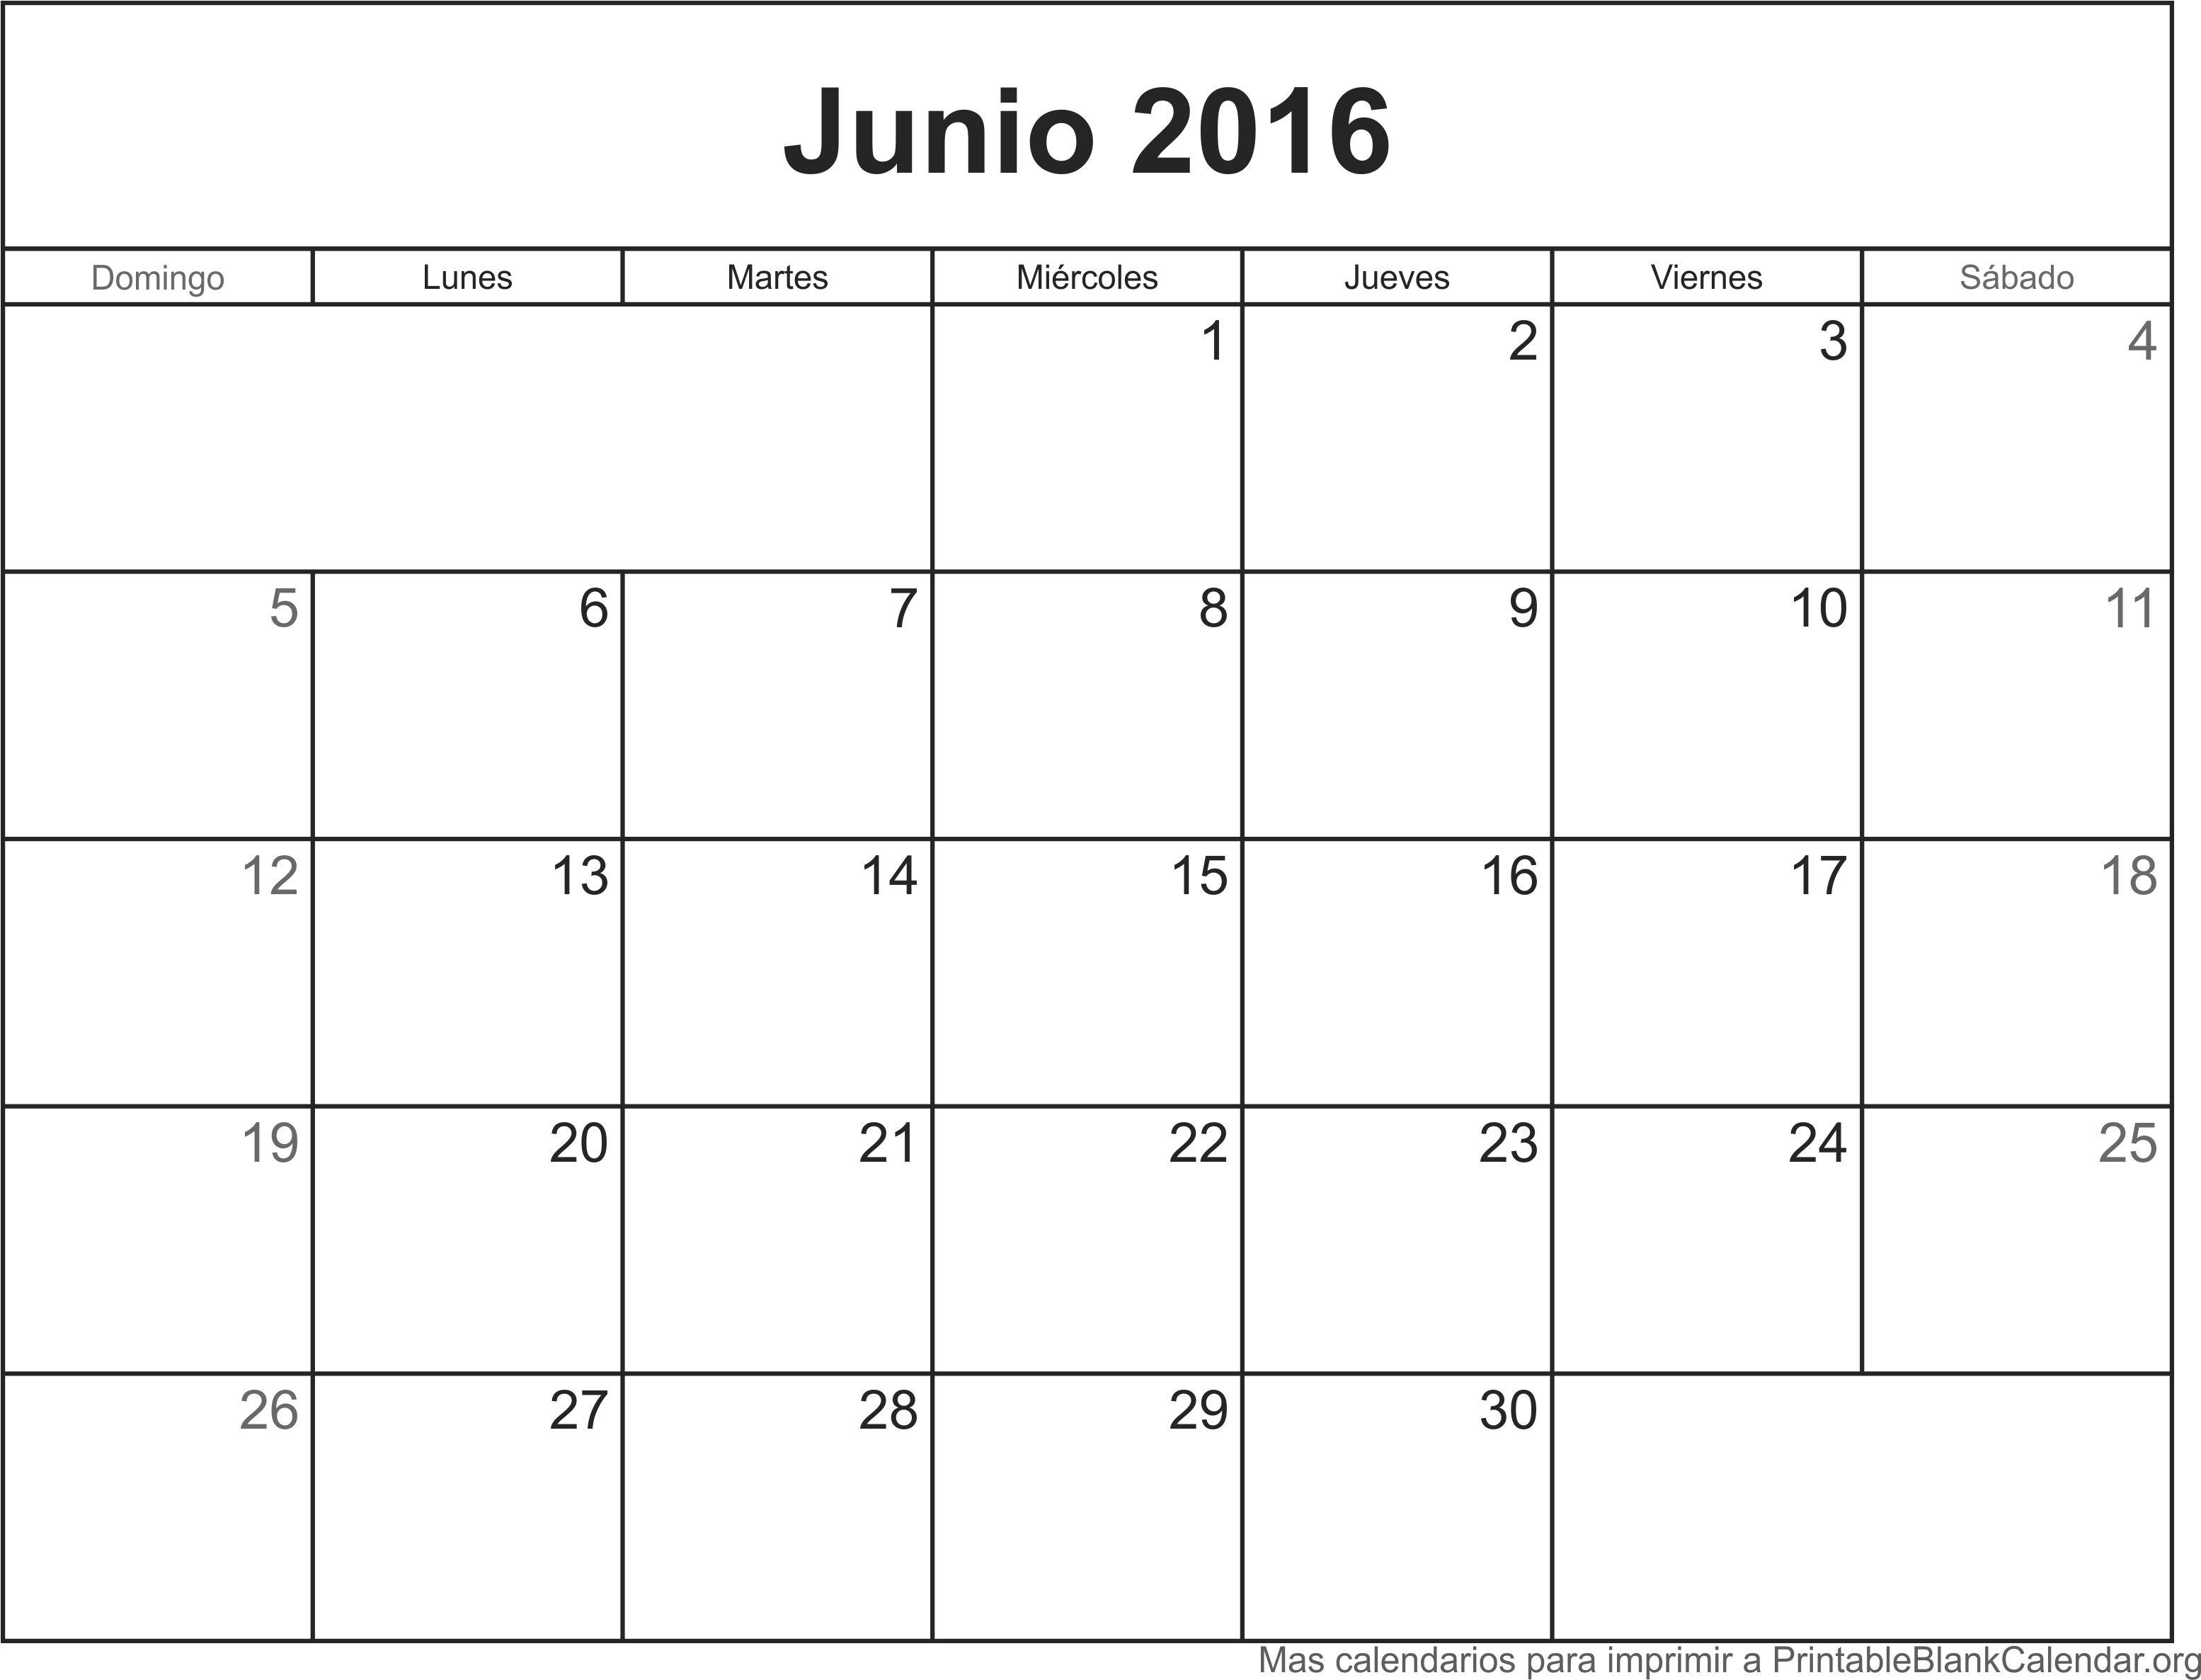 Calendario Junio 2016 Para Imprimir - Calendarios Para Imprimir